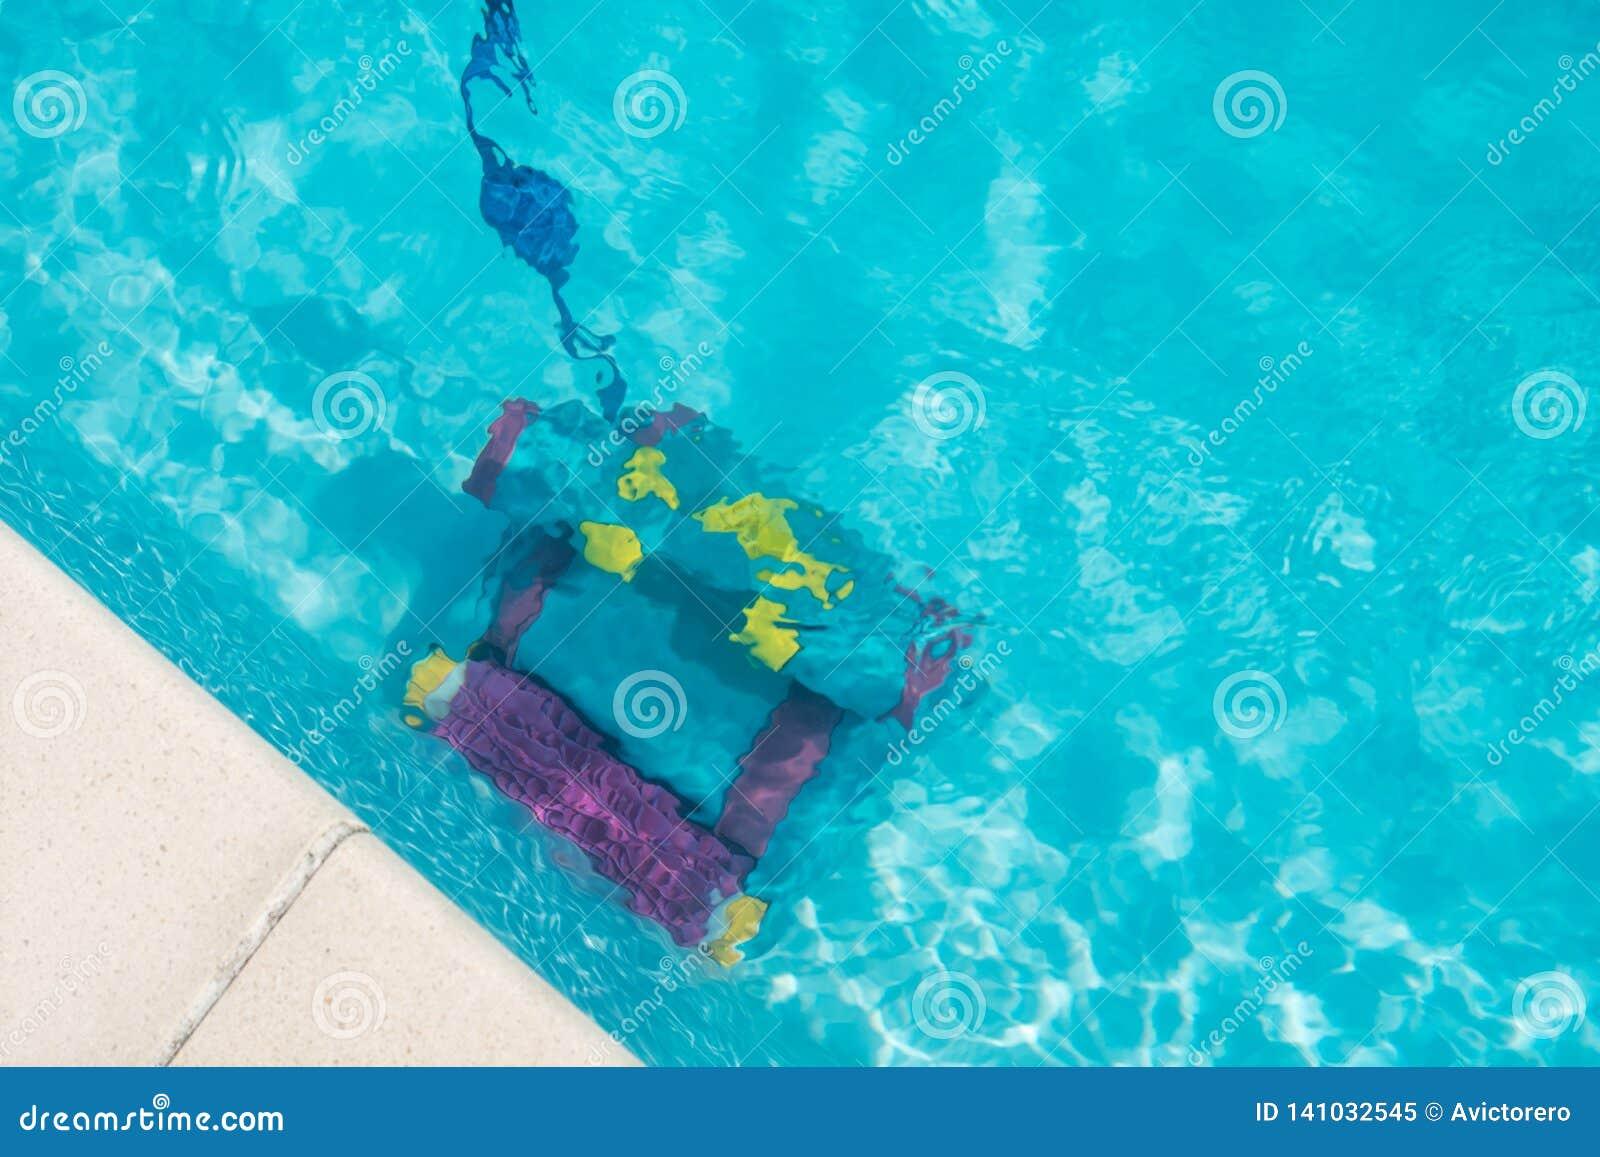 Reinigungsroboter für das Säubern der Unterseite des Swimmingpools